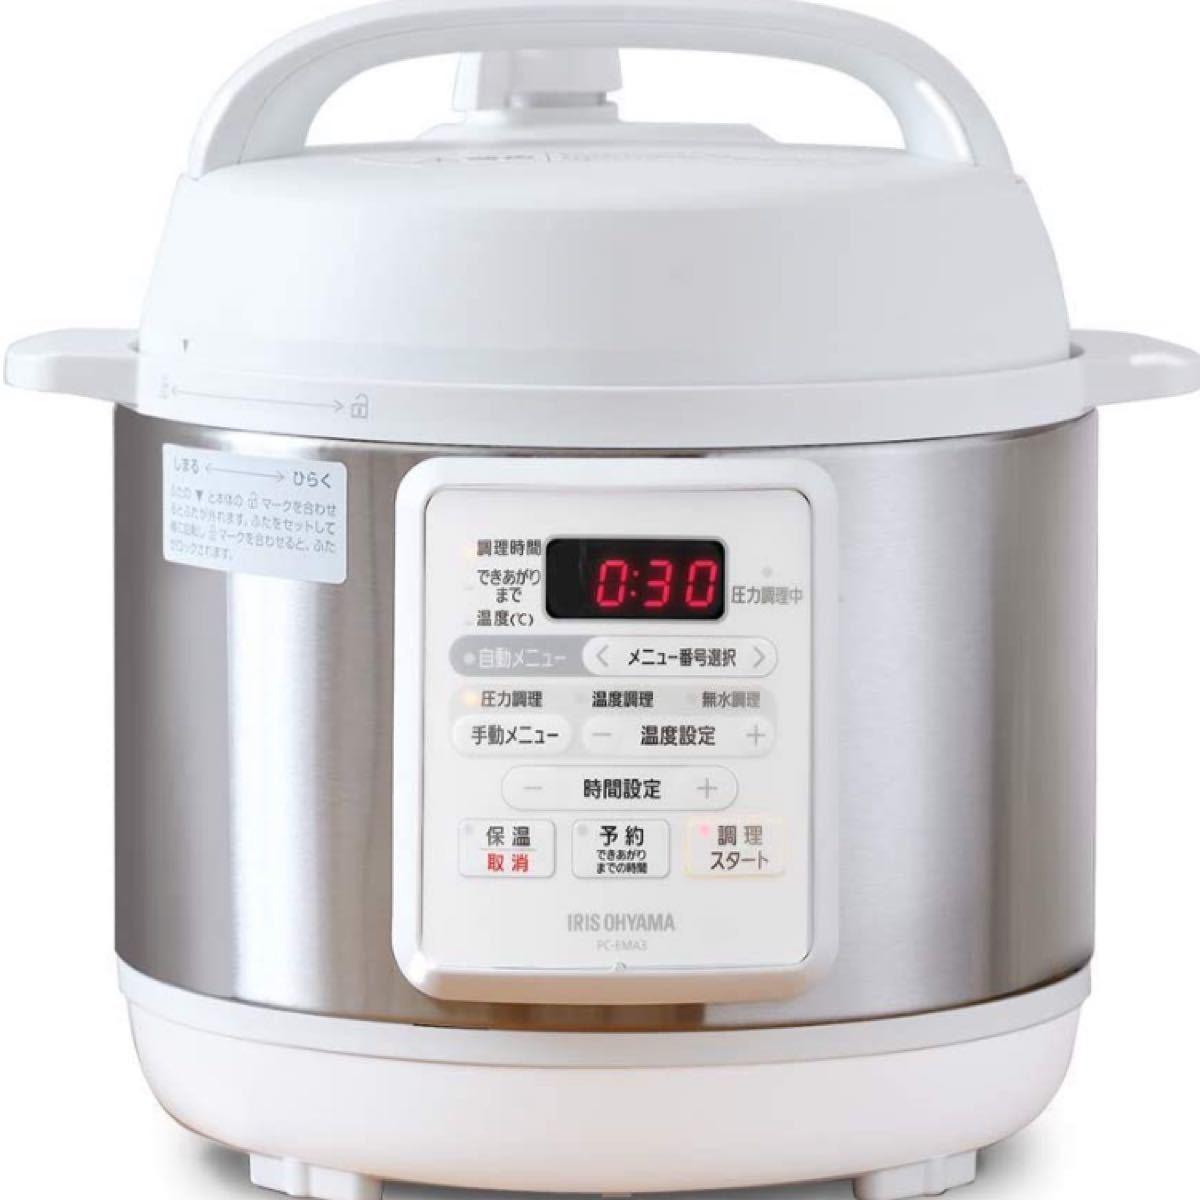 アイリスオーヤマ  電気圧力鍋 3リットル